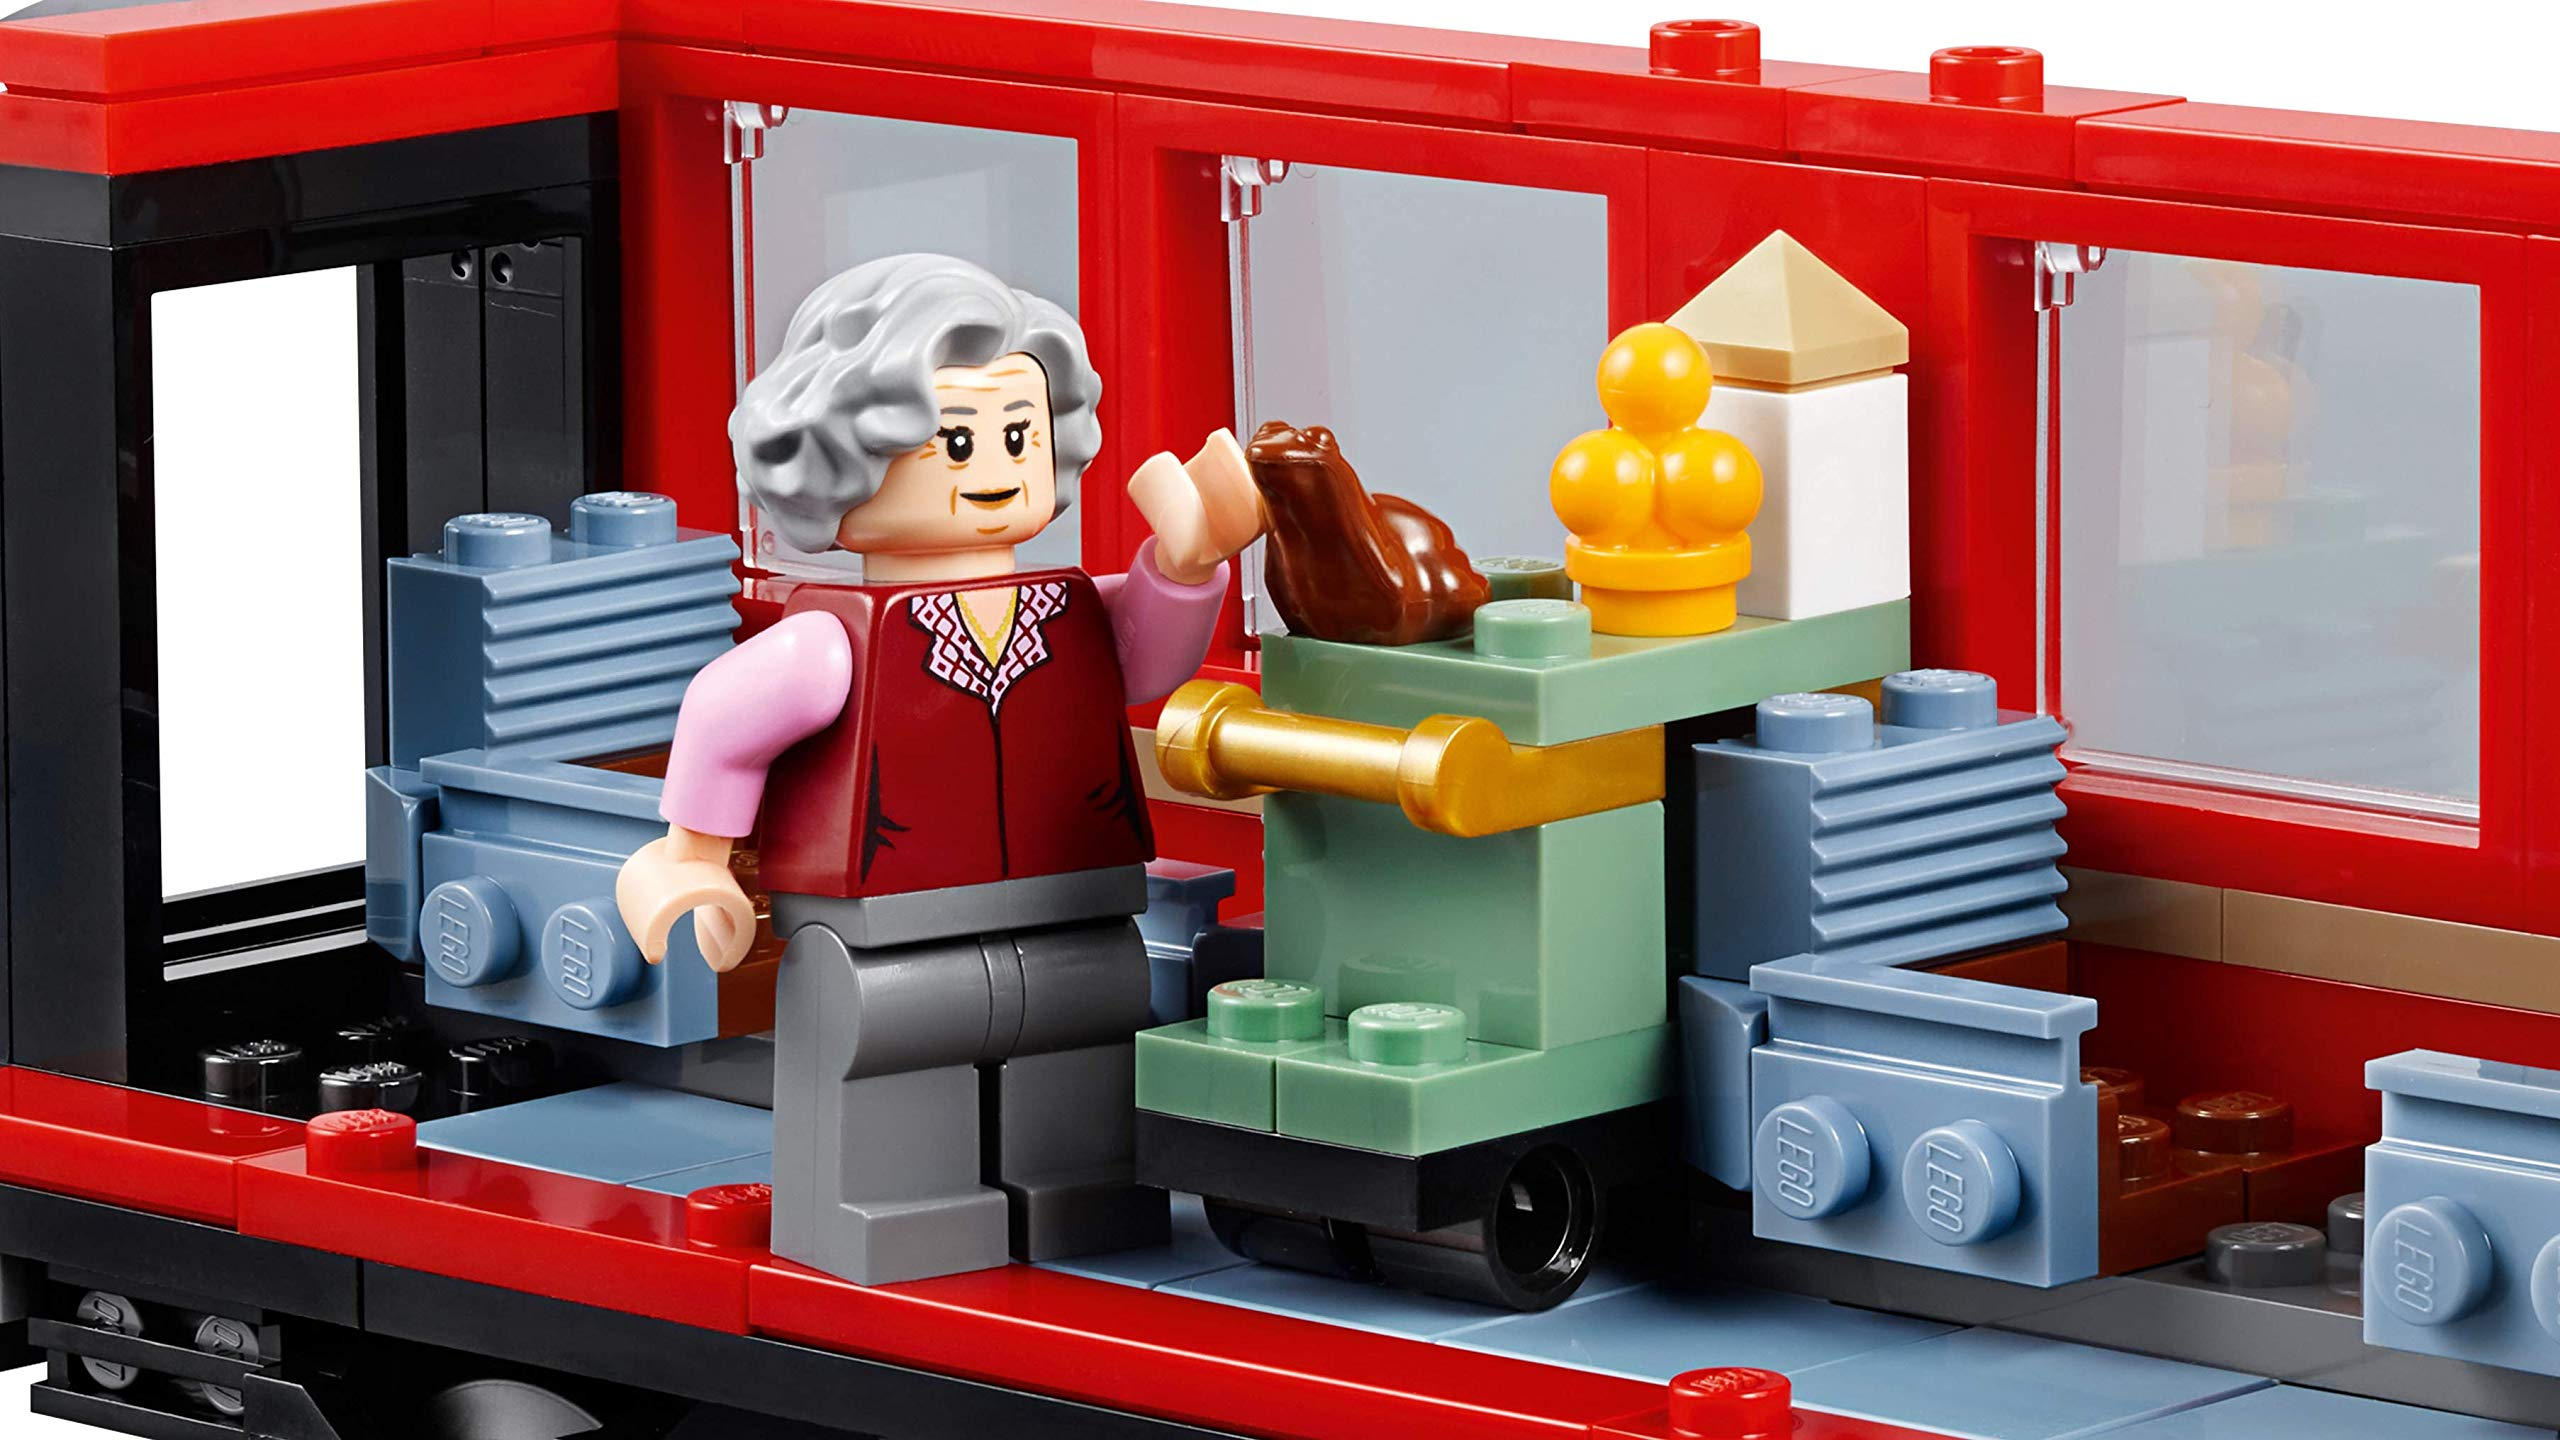 LEGO HarryPotter EspressoperHogwarts, Giocattolo eIdea Regalo per gli Amanti del Mondo della Magia,Set di Costruzione per Ragazzi, 75955 4 spesavip